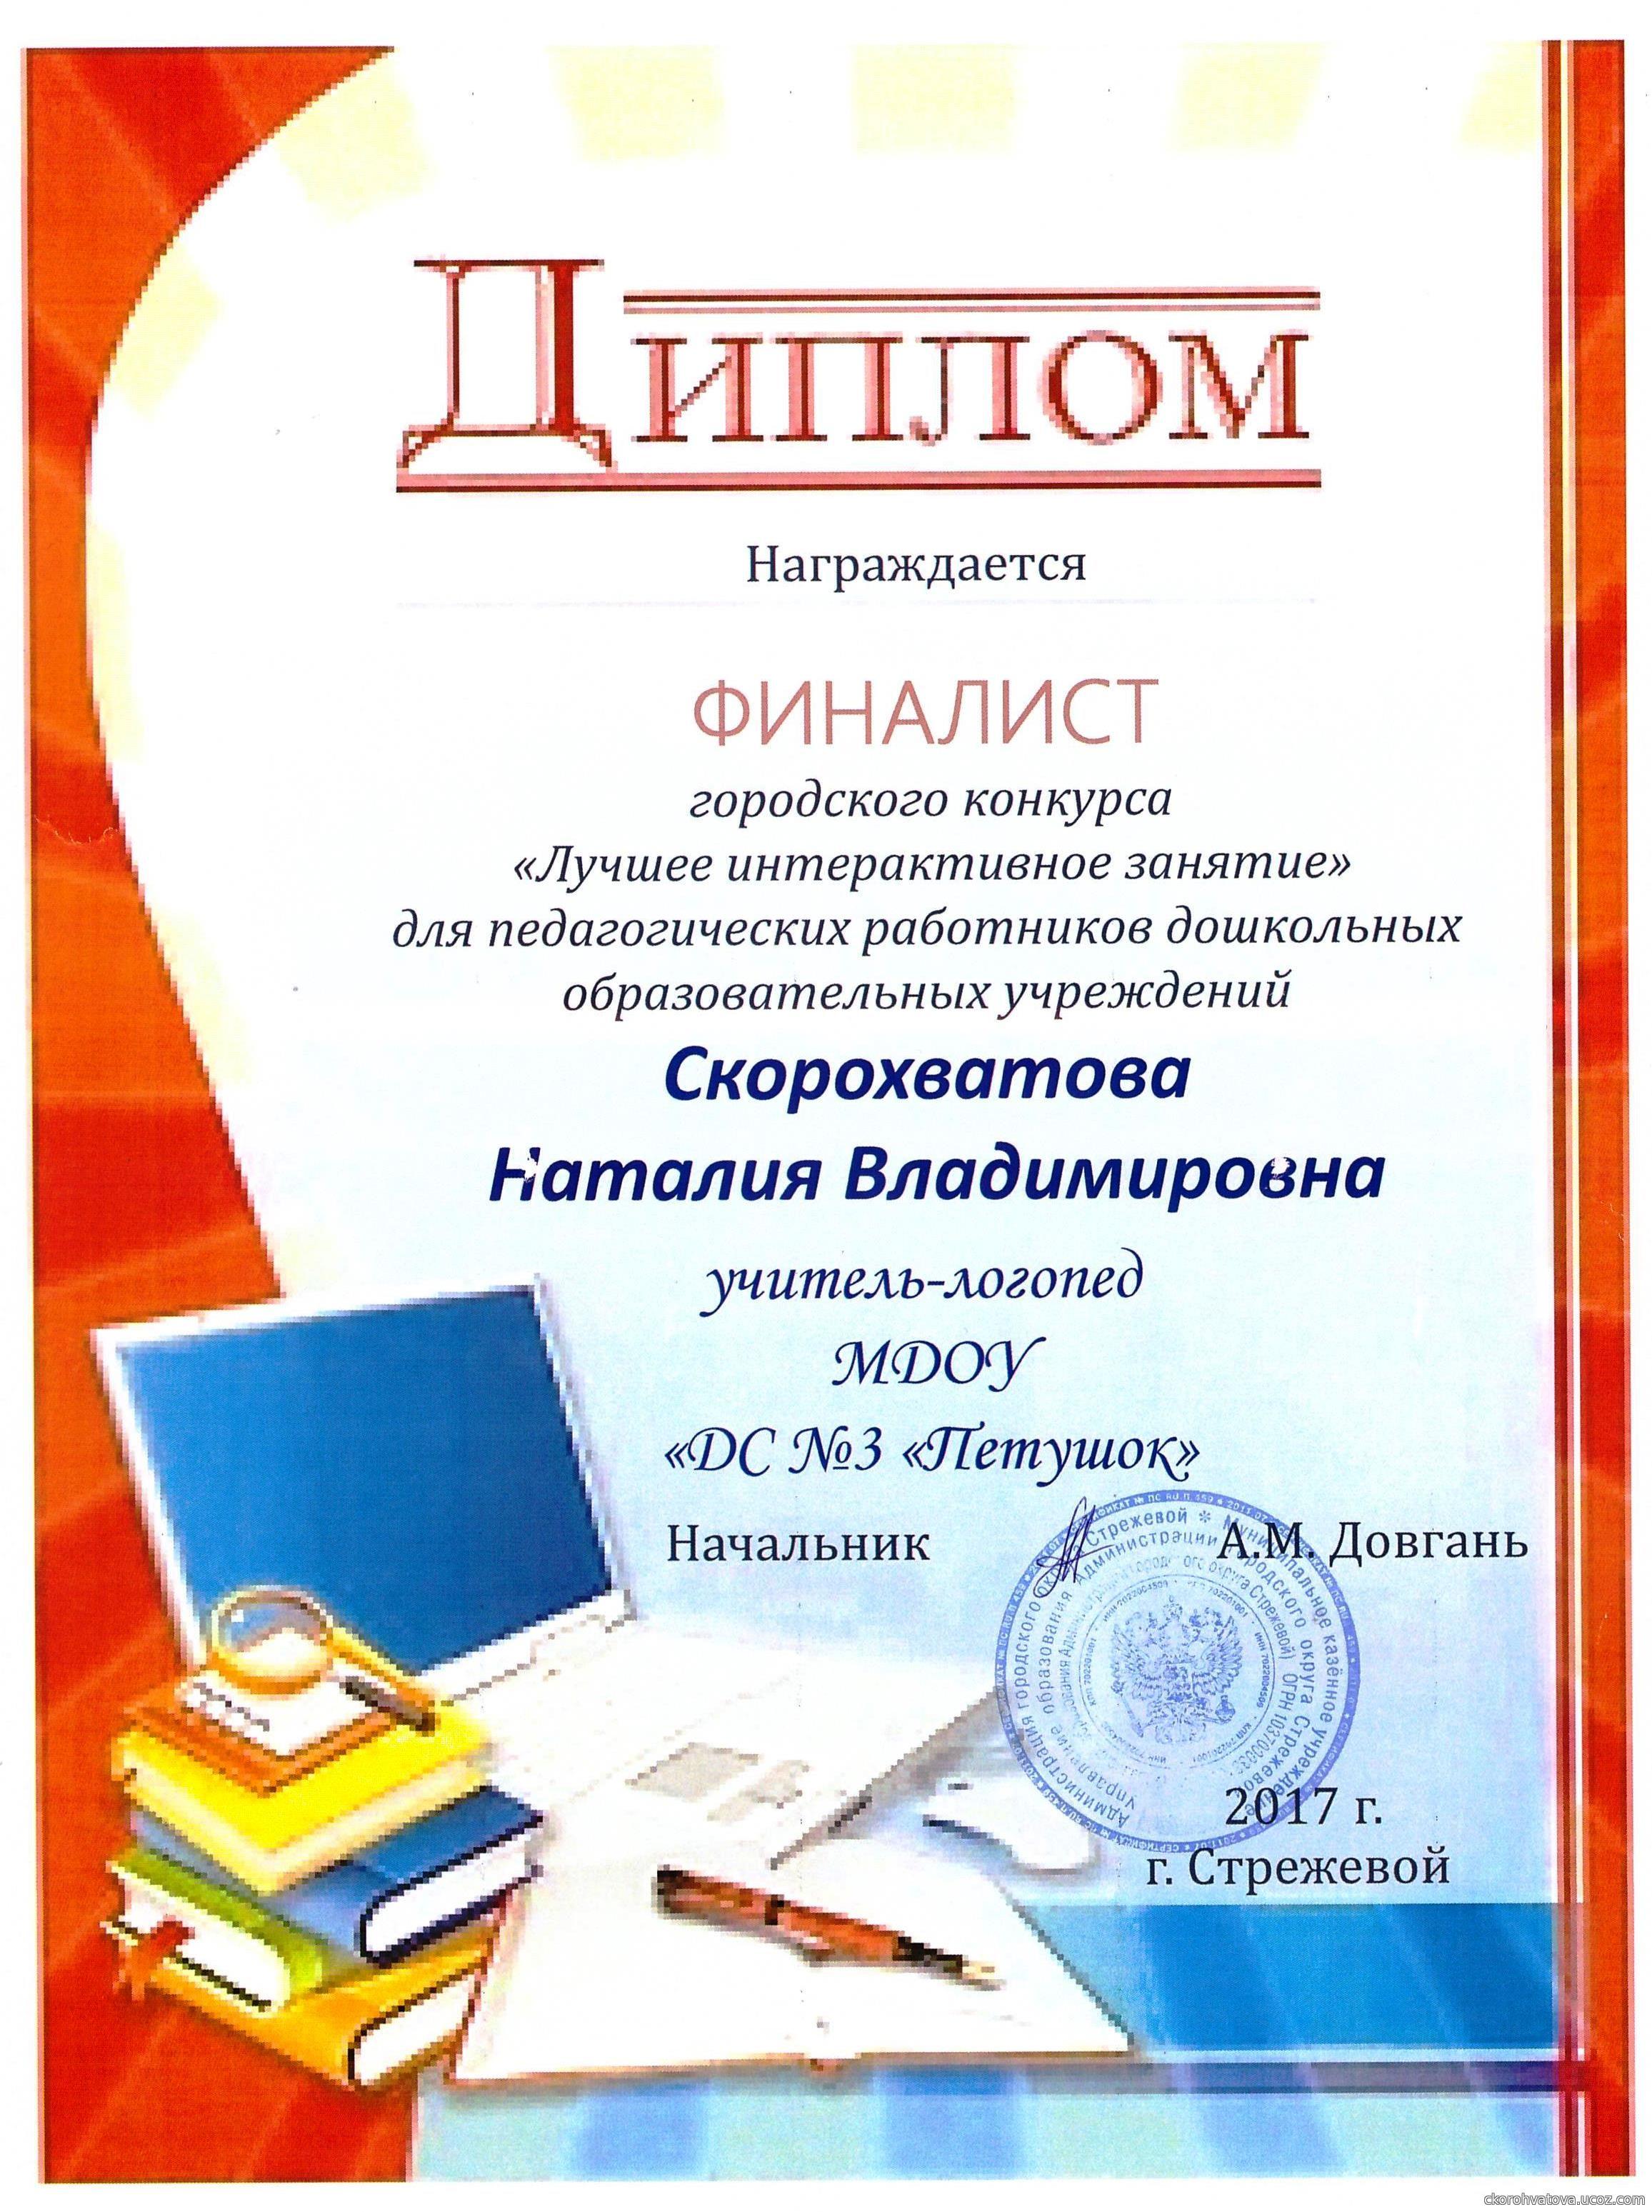 Конкурс лучший педагогический работник доу